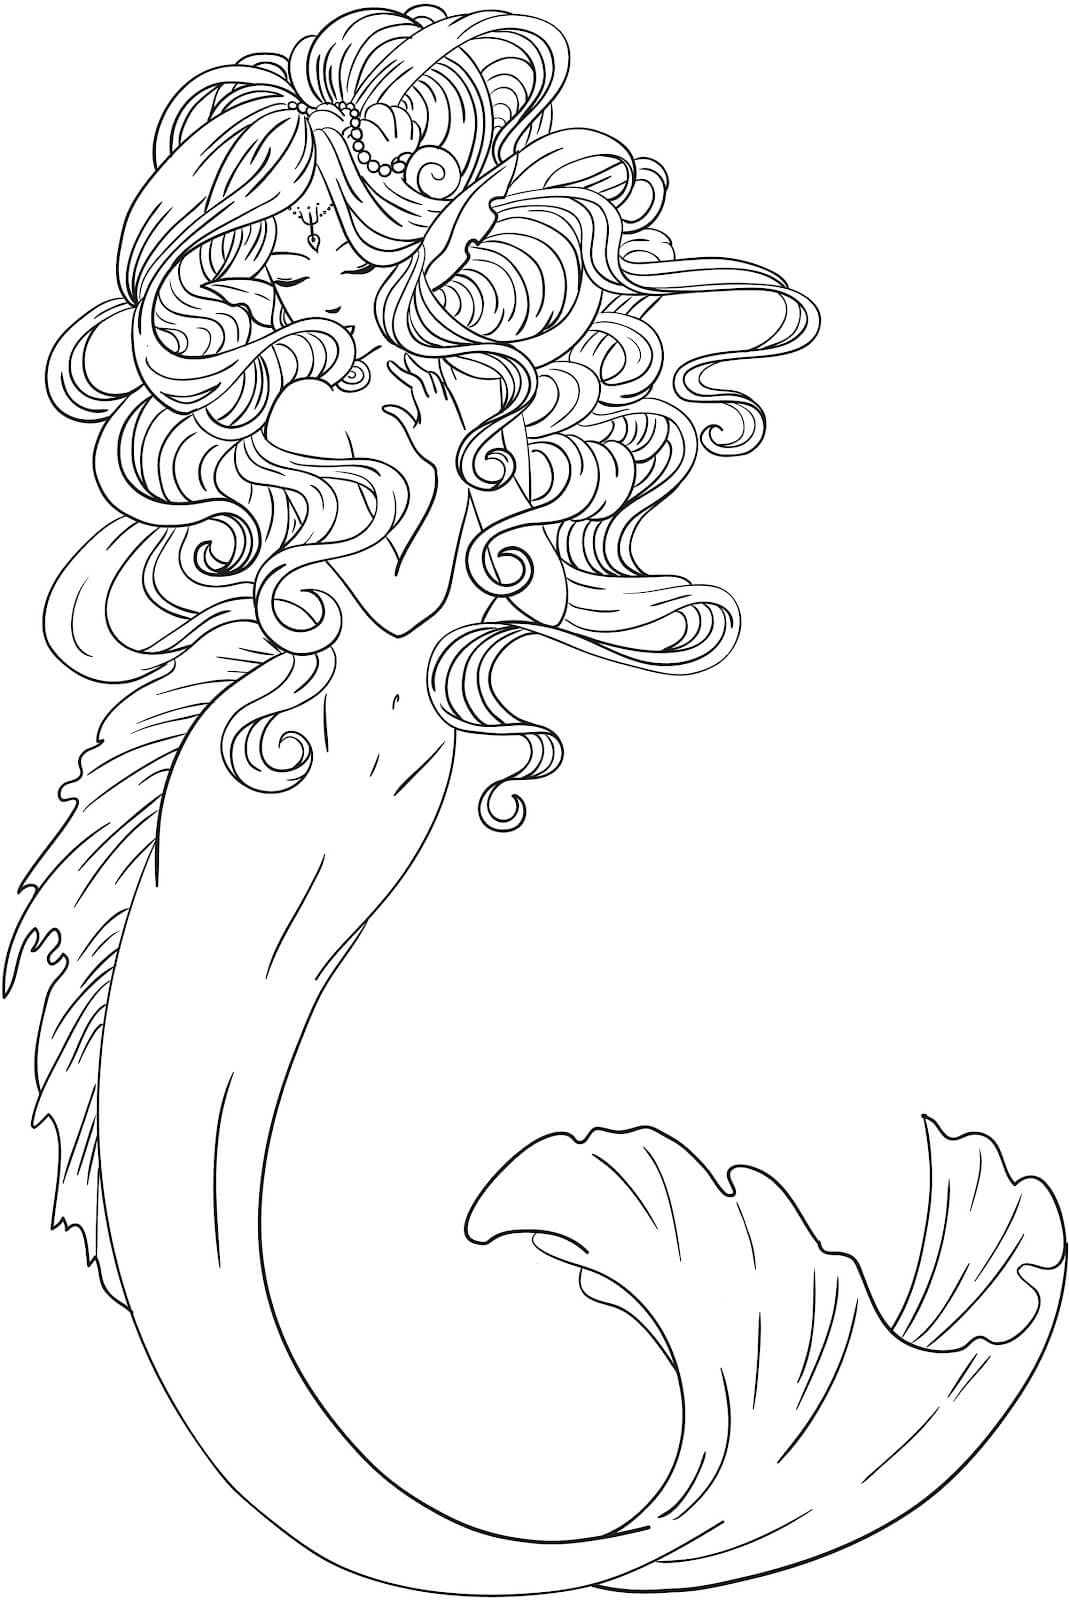 Dibujos de Sirenas para Colorear, Pintar e Imprimir